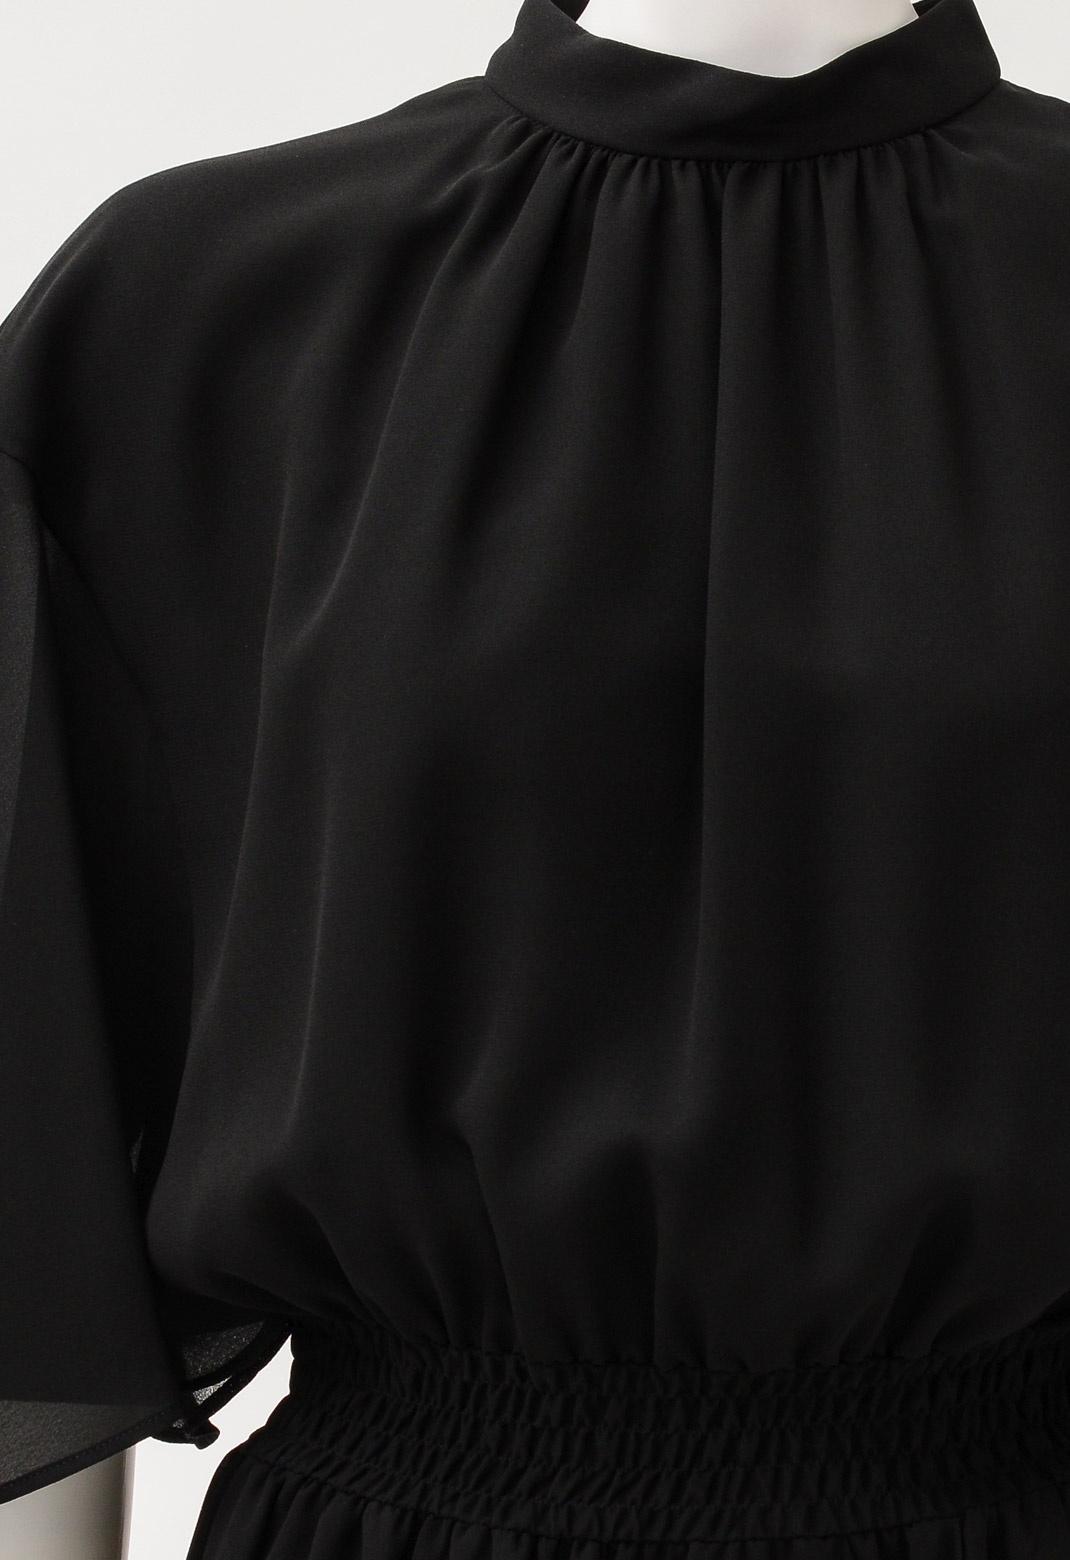 ジョーゼット シャーリング フレアスリーブドレス